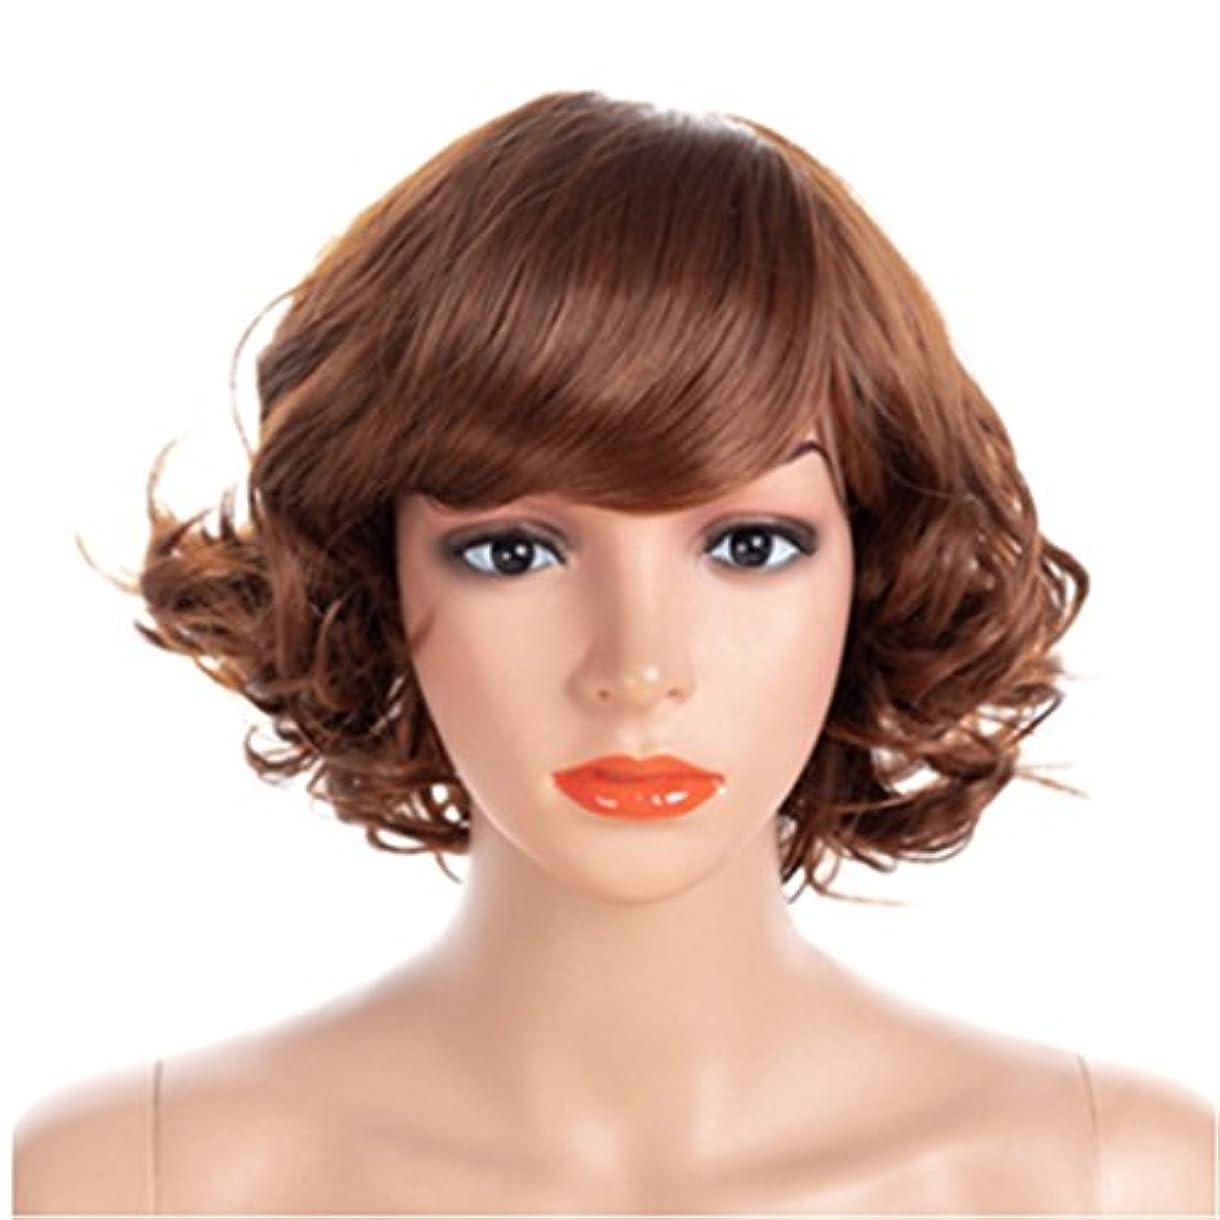 負手を差し伸べるガムYOUQIU ショートウィッグと調節可能なサイズと前髪の小ロールで40センチメートル女性のかつらは、スラントかつらウィッグことができます (色 : Metallic)